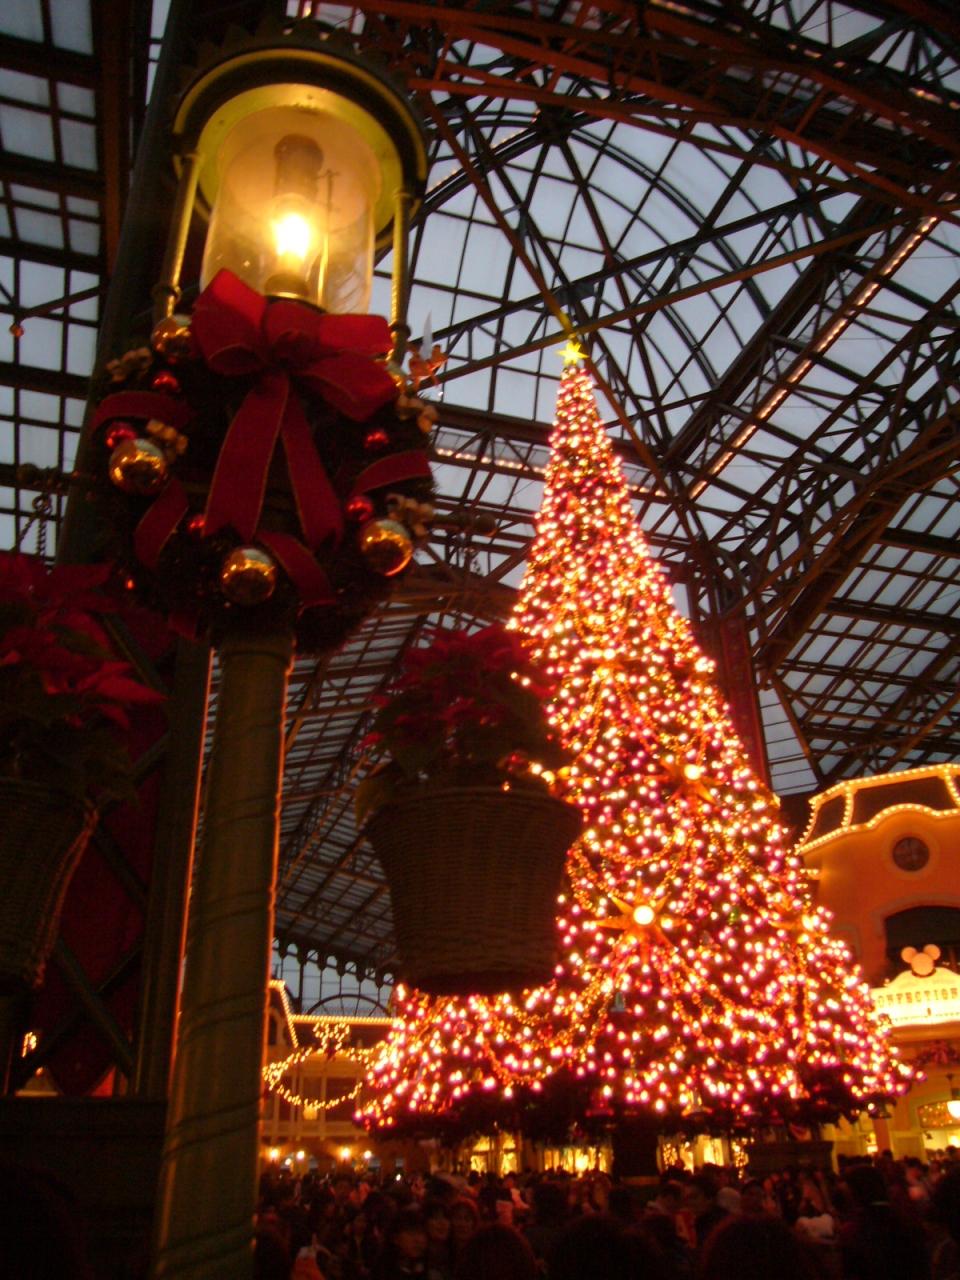 2007☆ディズニー・クリスマス☆』東京ディズニーリゾート(千葉県)の旅行